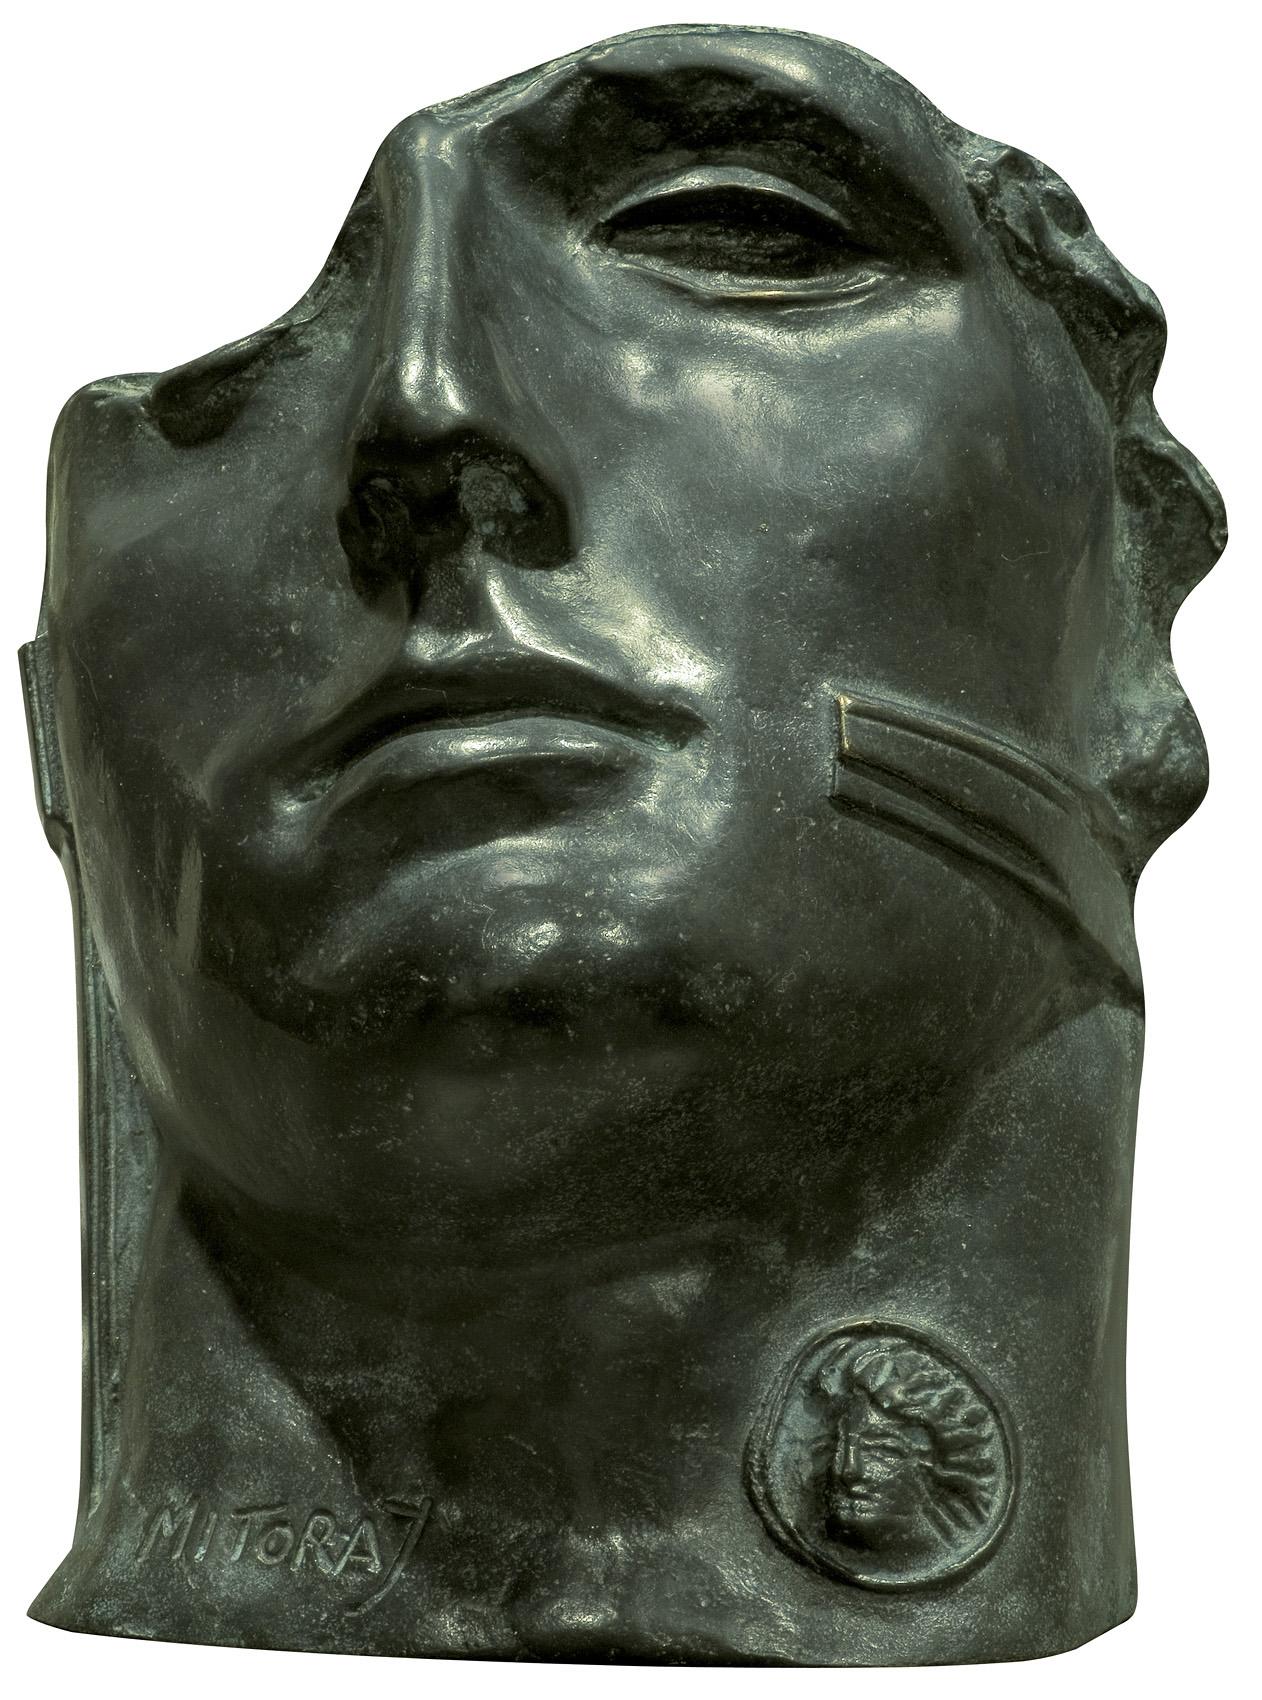 CENTURION, 1985